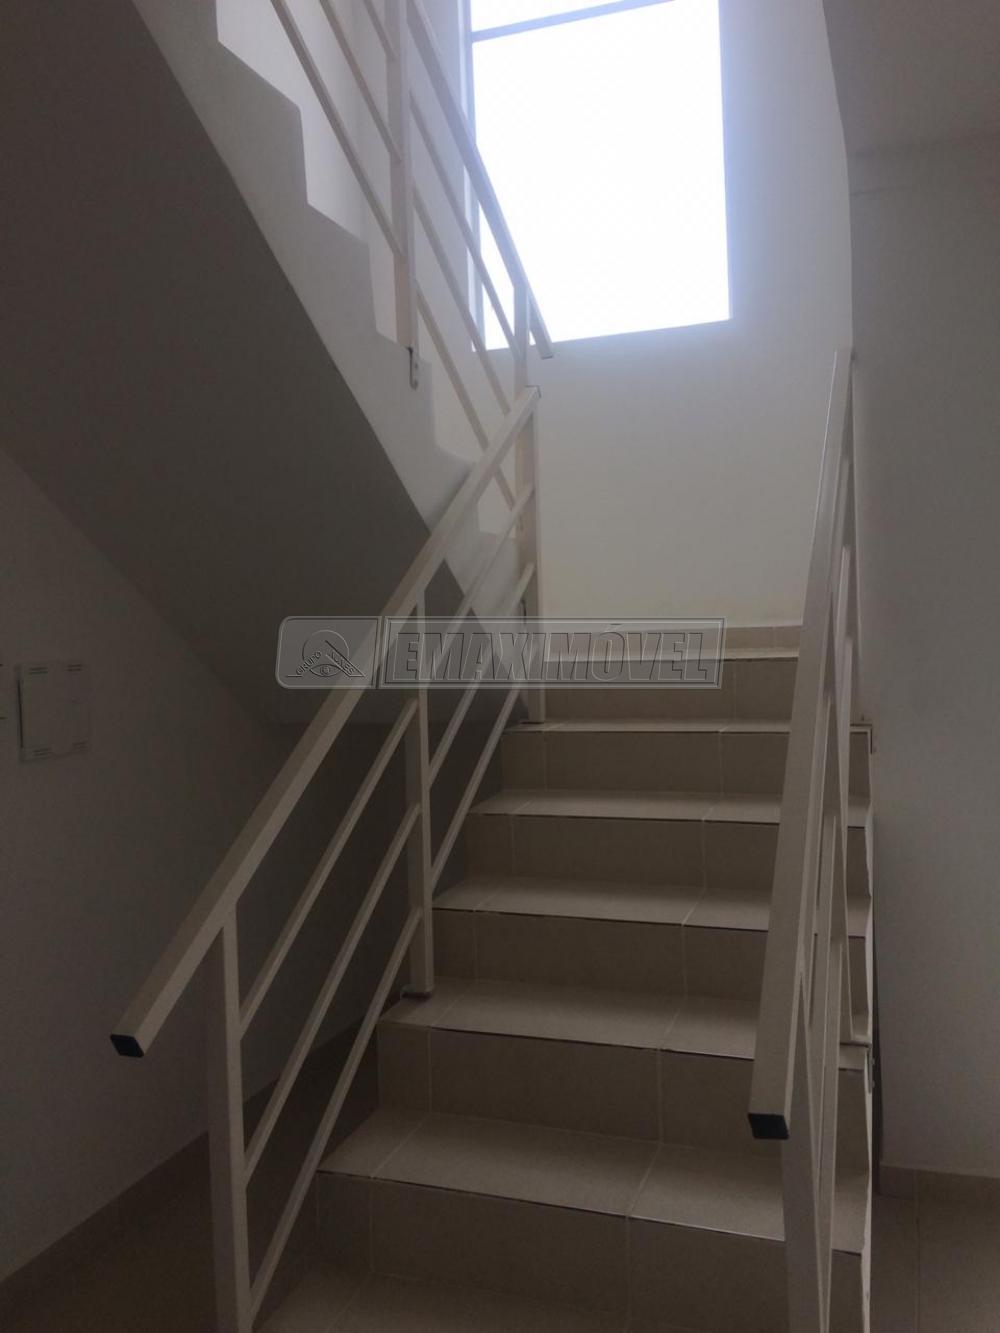 Comprar Apartamento / Padrão em Sorocaba R$ 390.000,00 - Foto 3